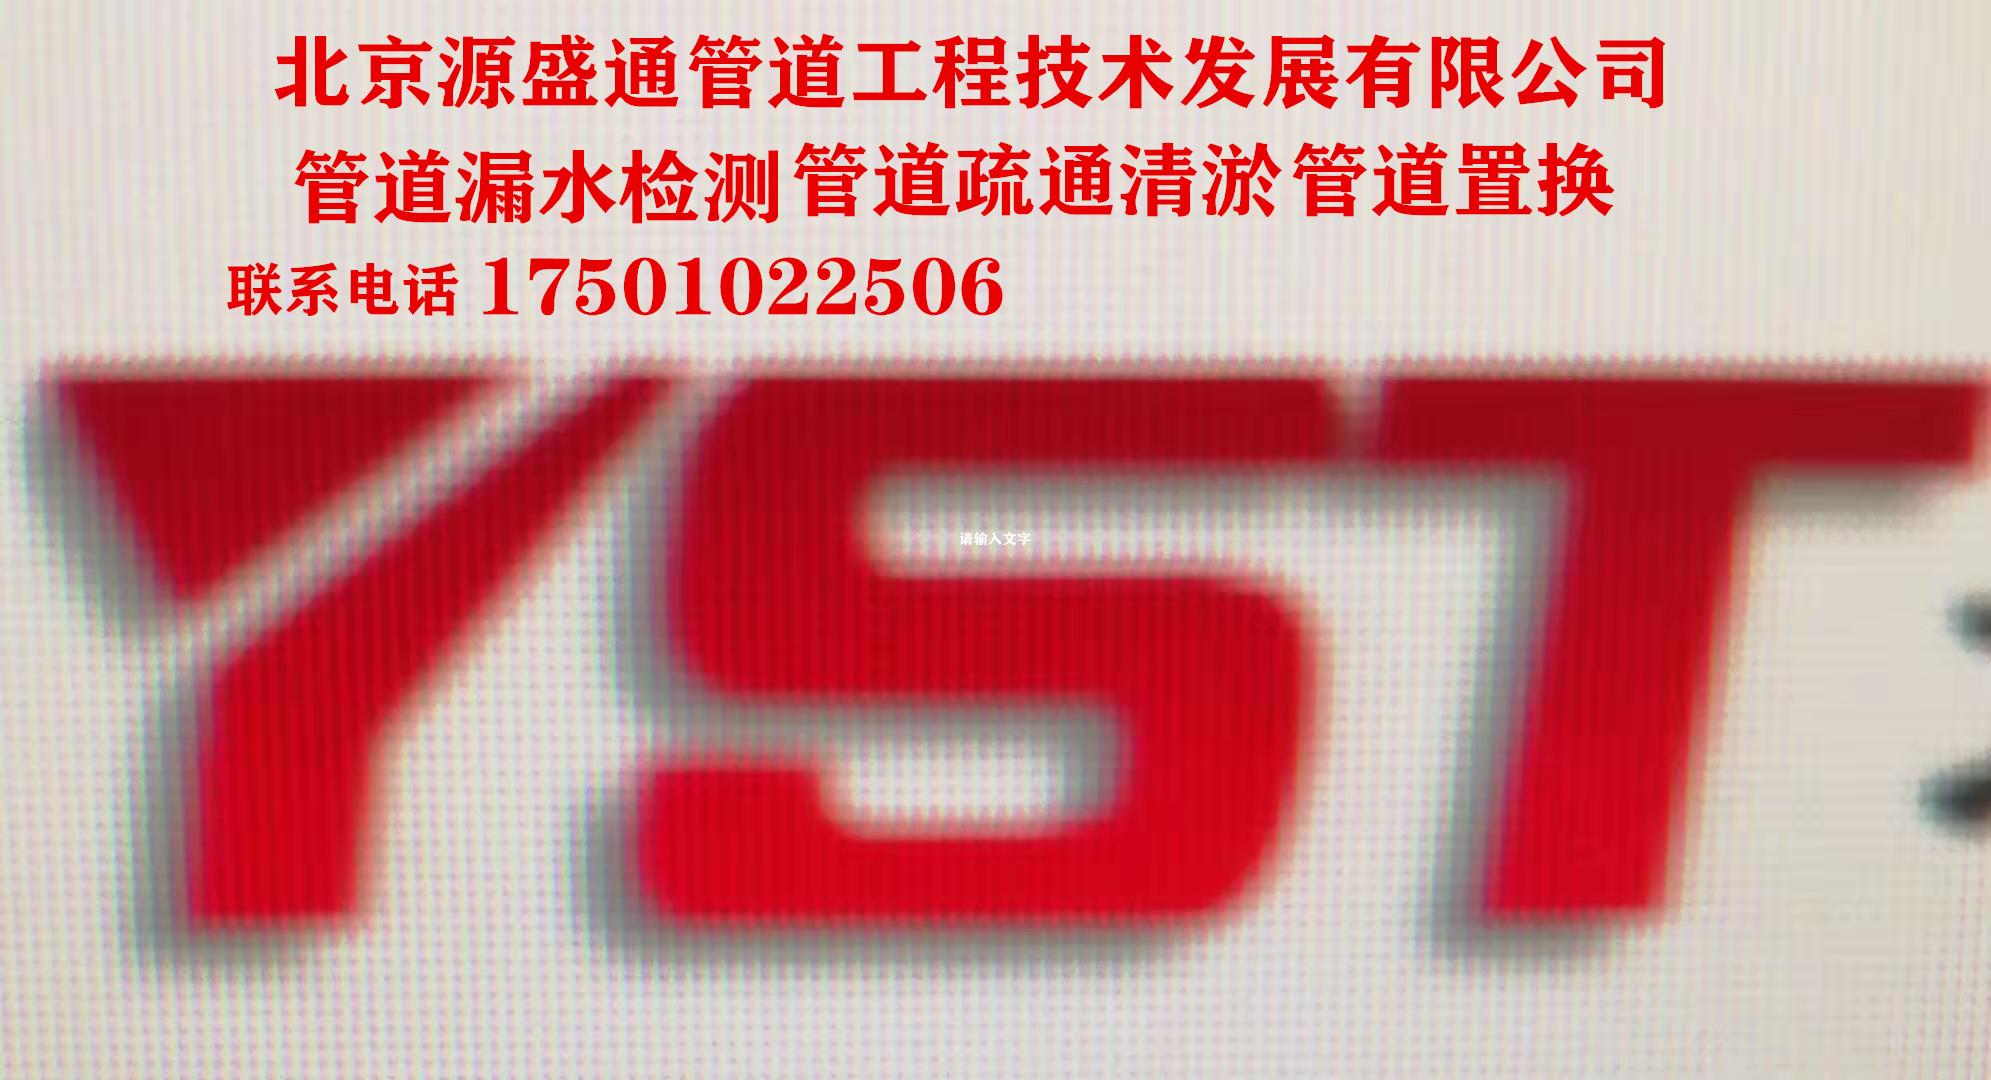 北京源盛通管道工程技術發展有限公司